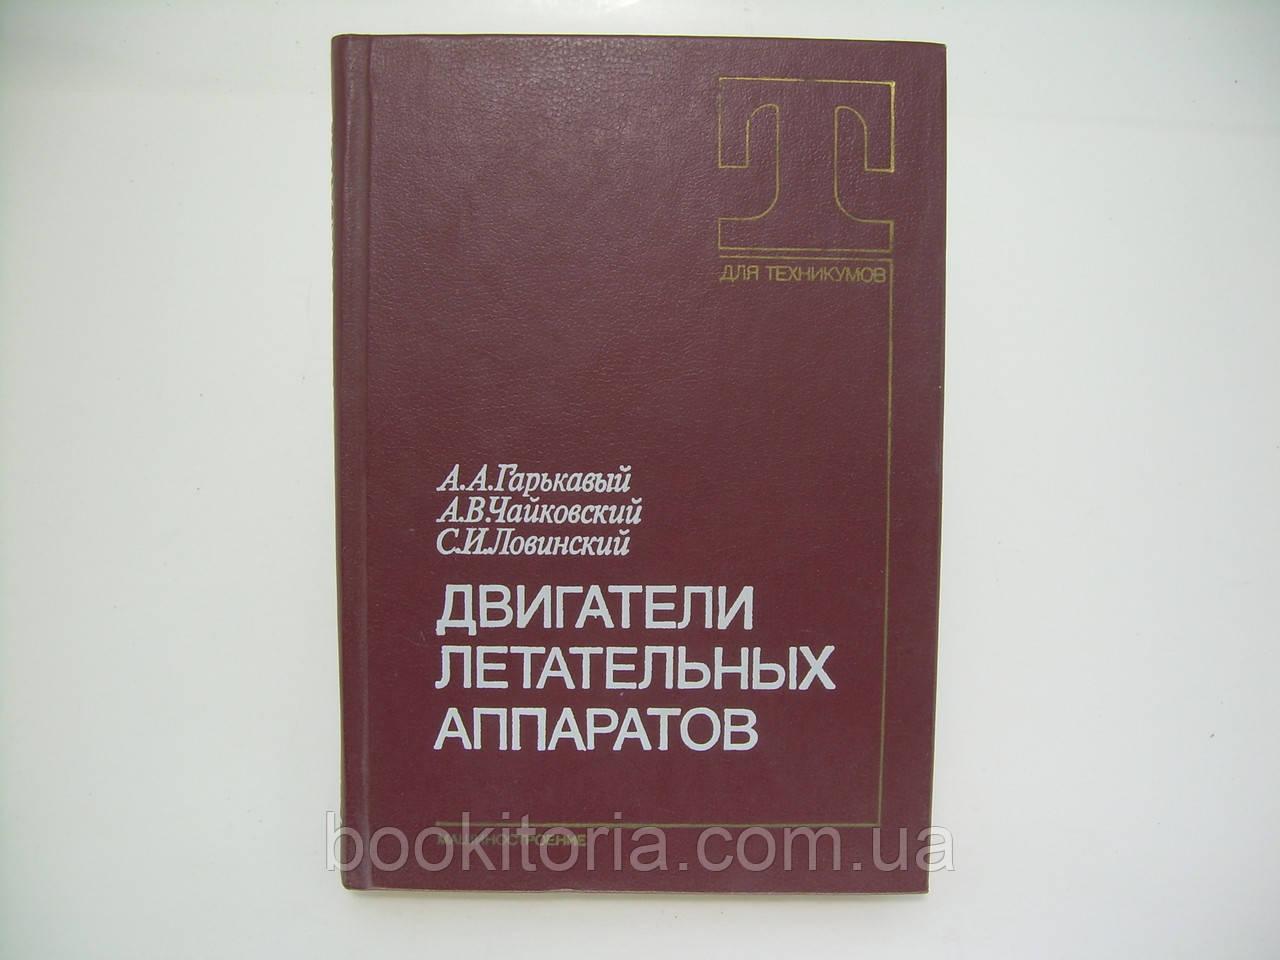 Гарькавый А.А и др. Двигатели летательных аппаратов (б/у).